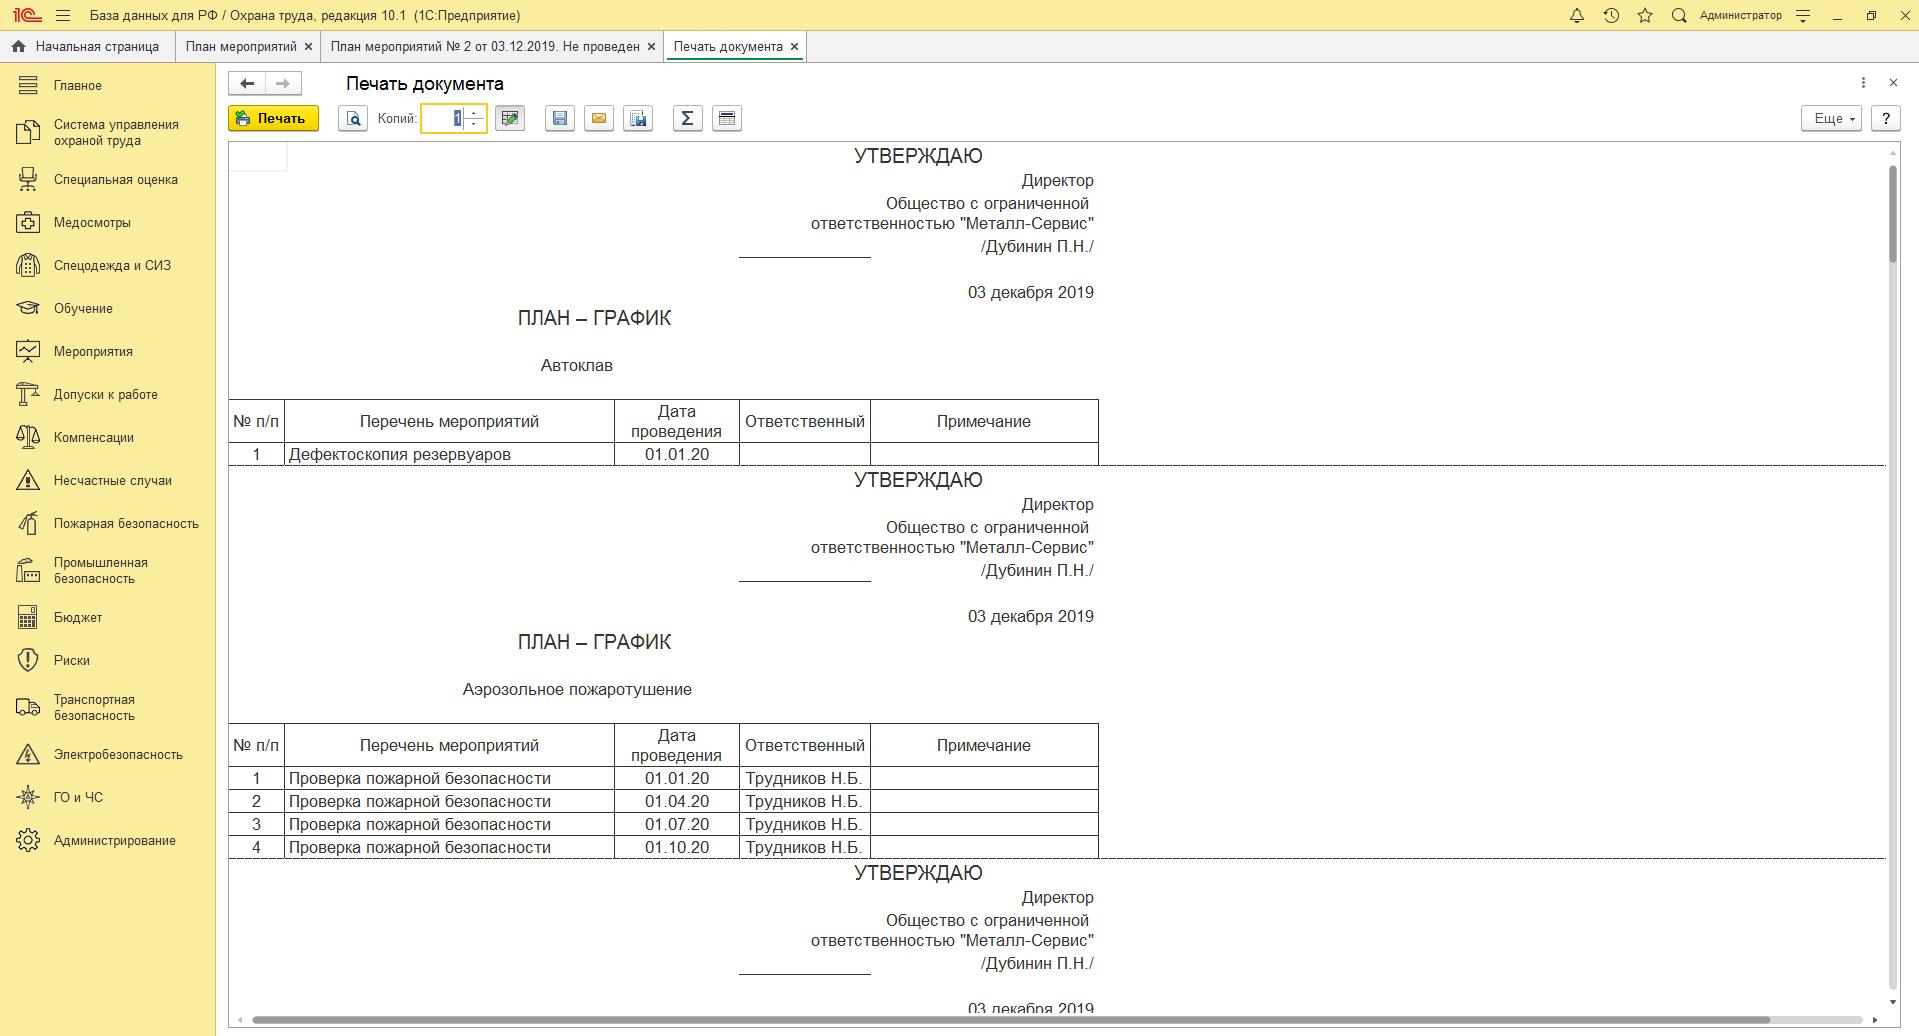 План-график мероприятий по электробезопасности в программе для службы охраны труда на 1С